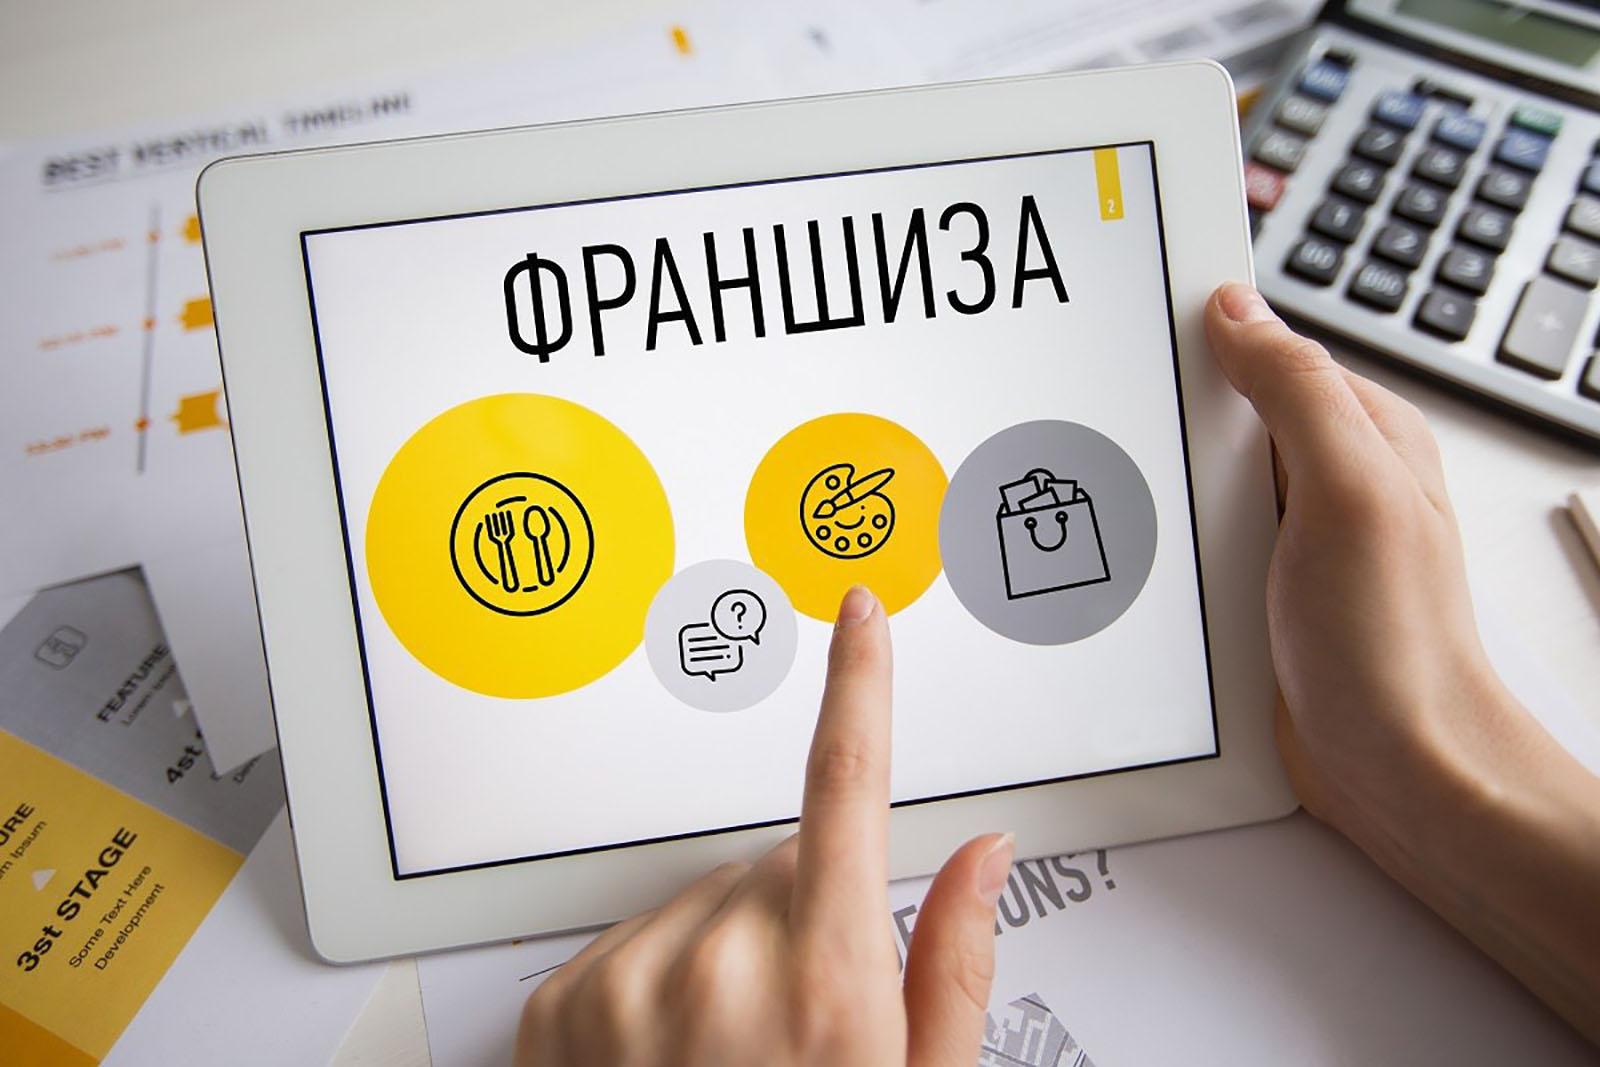 15.03.21г. в 14.00. Бесплатный вебинар: Франшиза, как инструмент роста вашего бизнеса